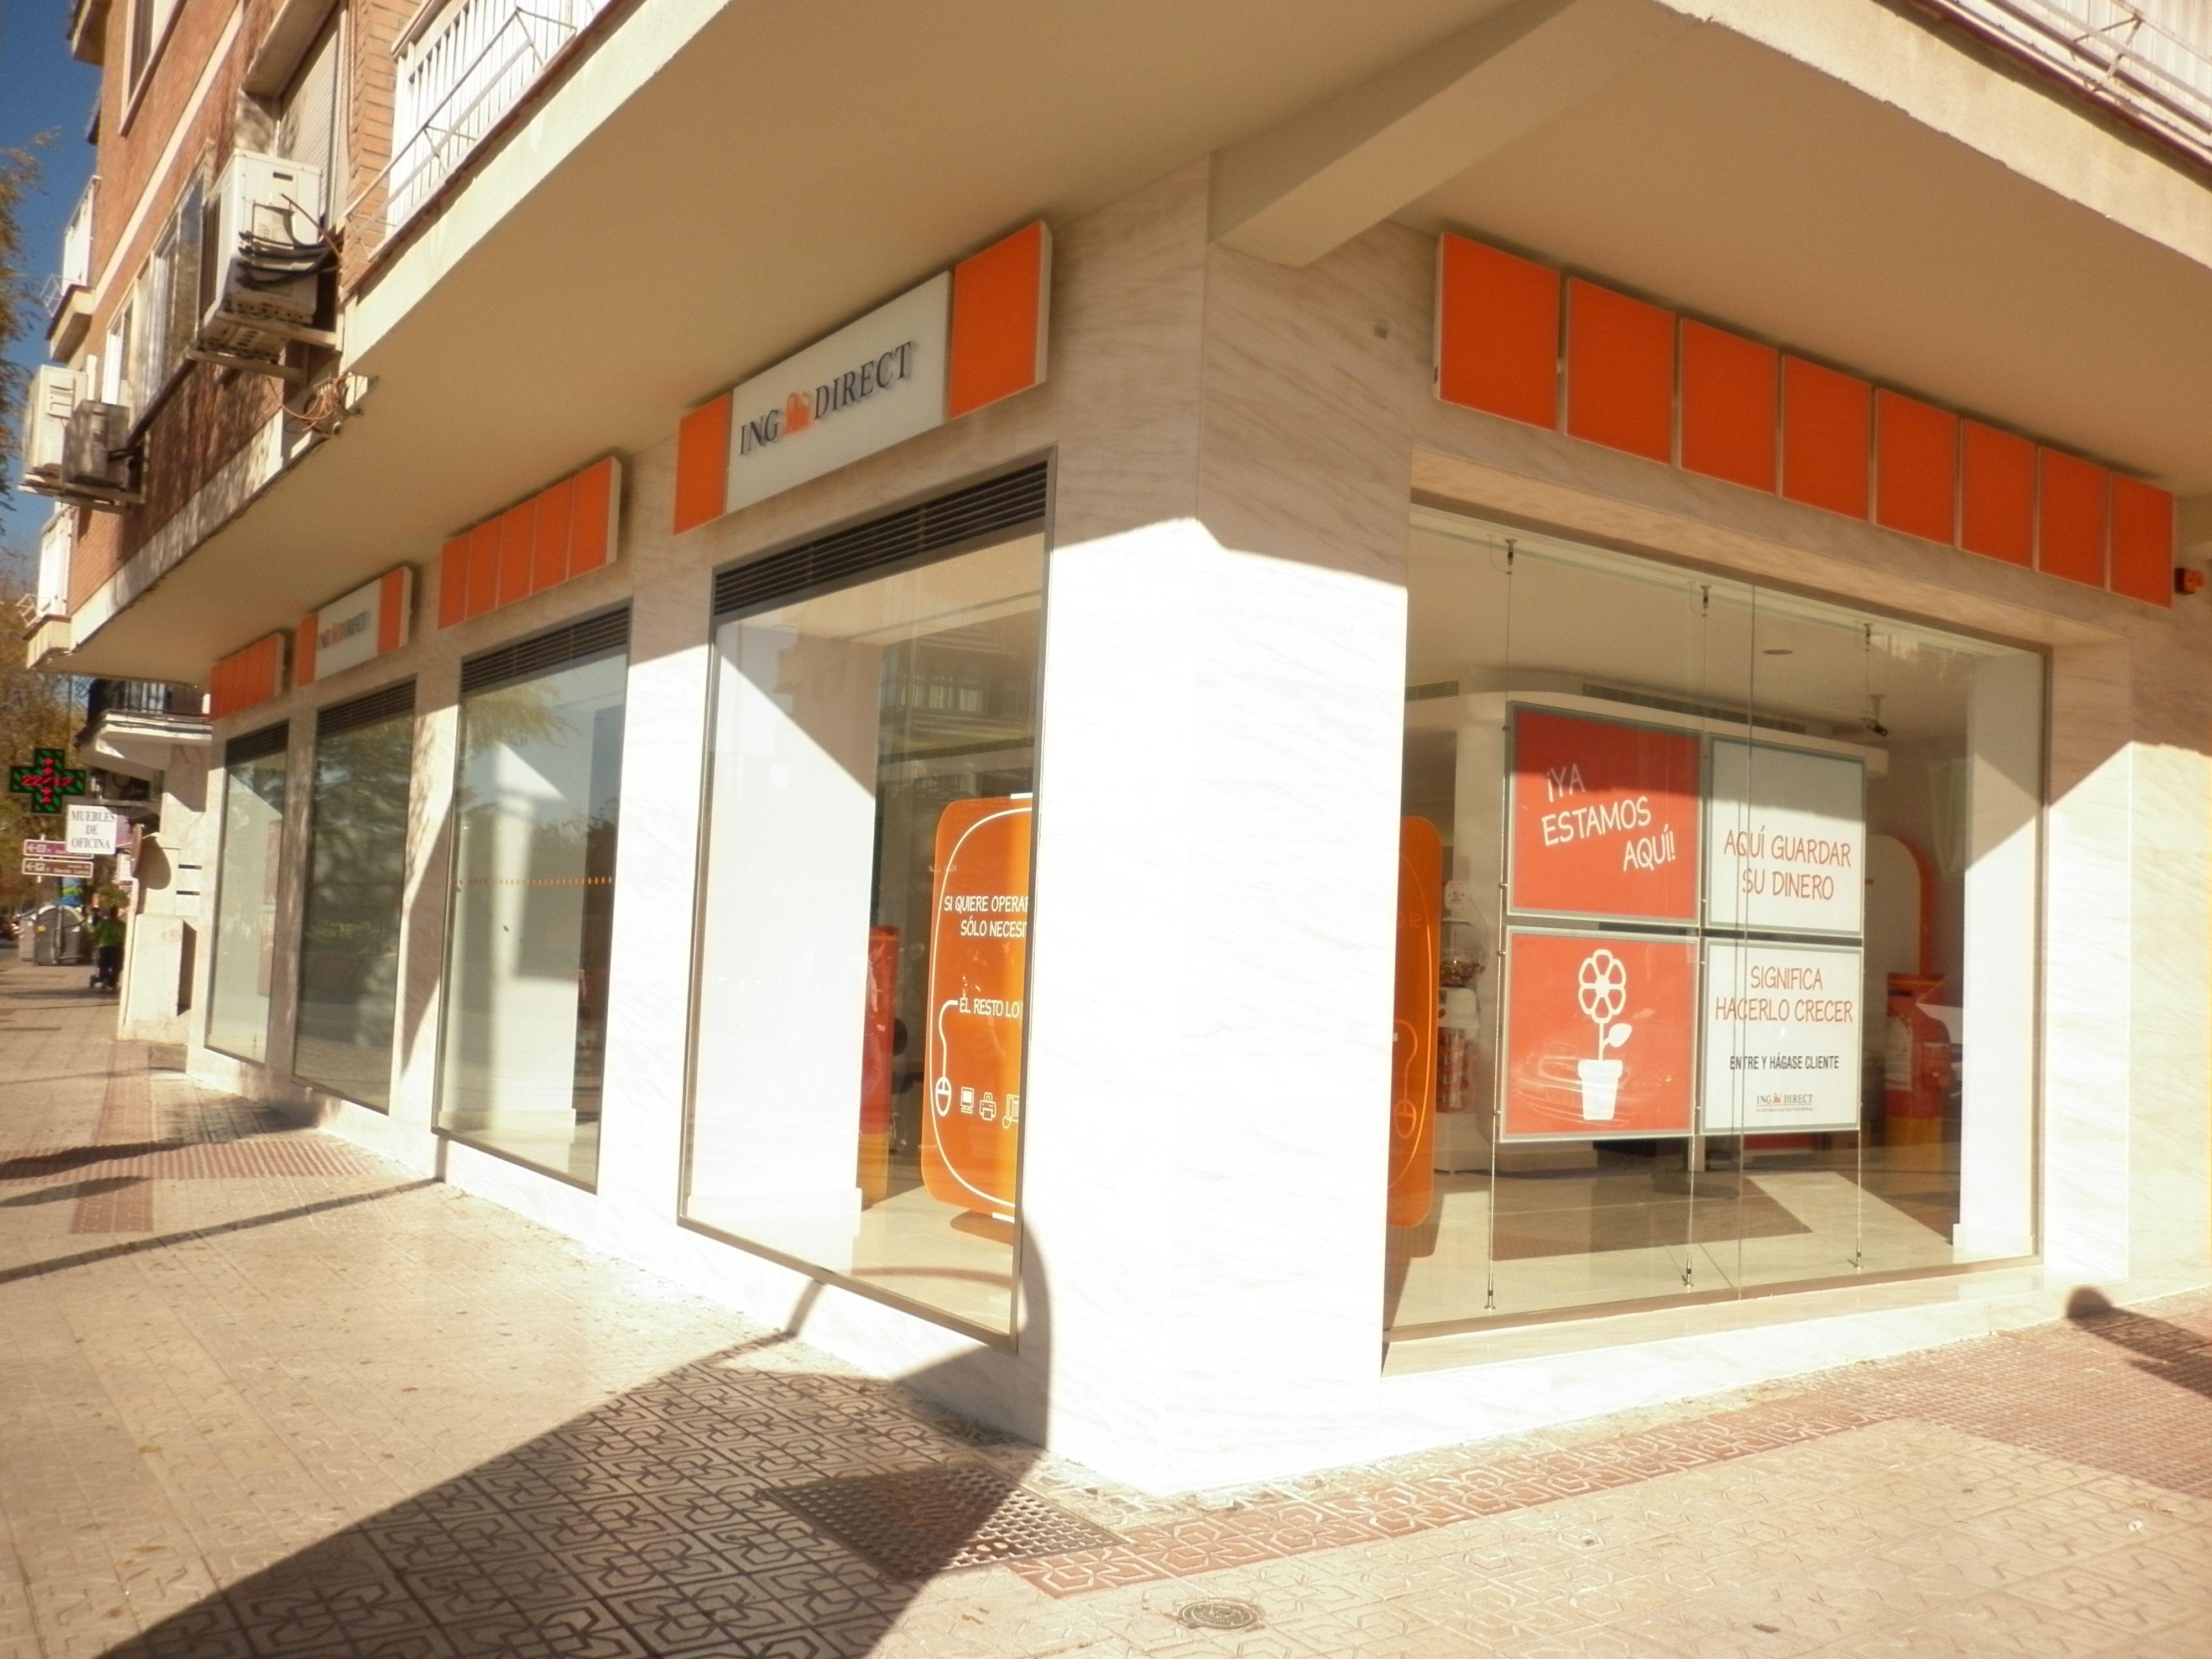 Oficinas ing las rozas free oficinas de ing en madrid with oficinas ing las rozas stunning - Oficinas ing direct madrid ...